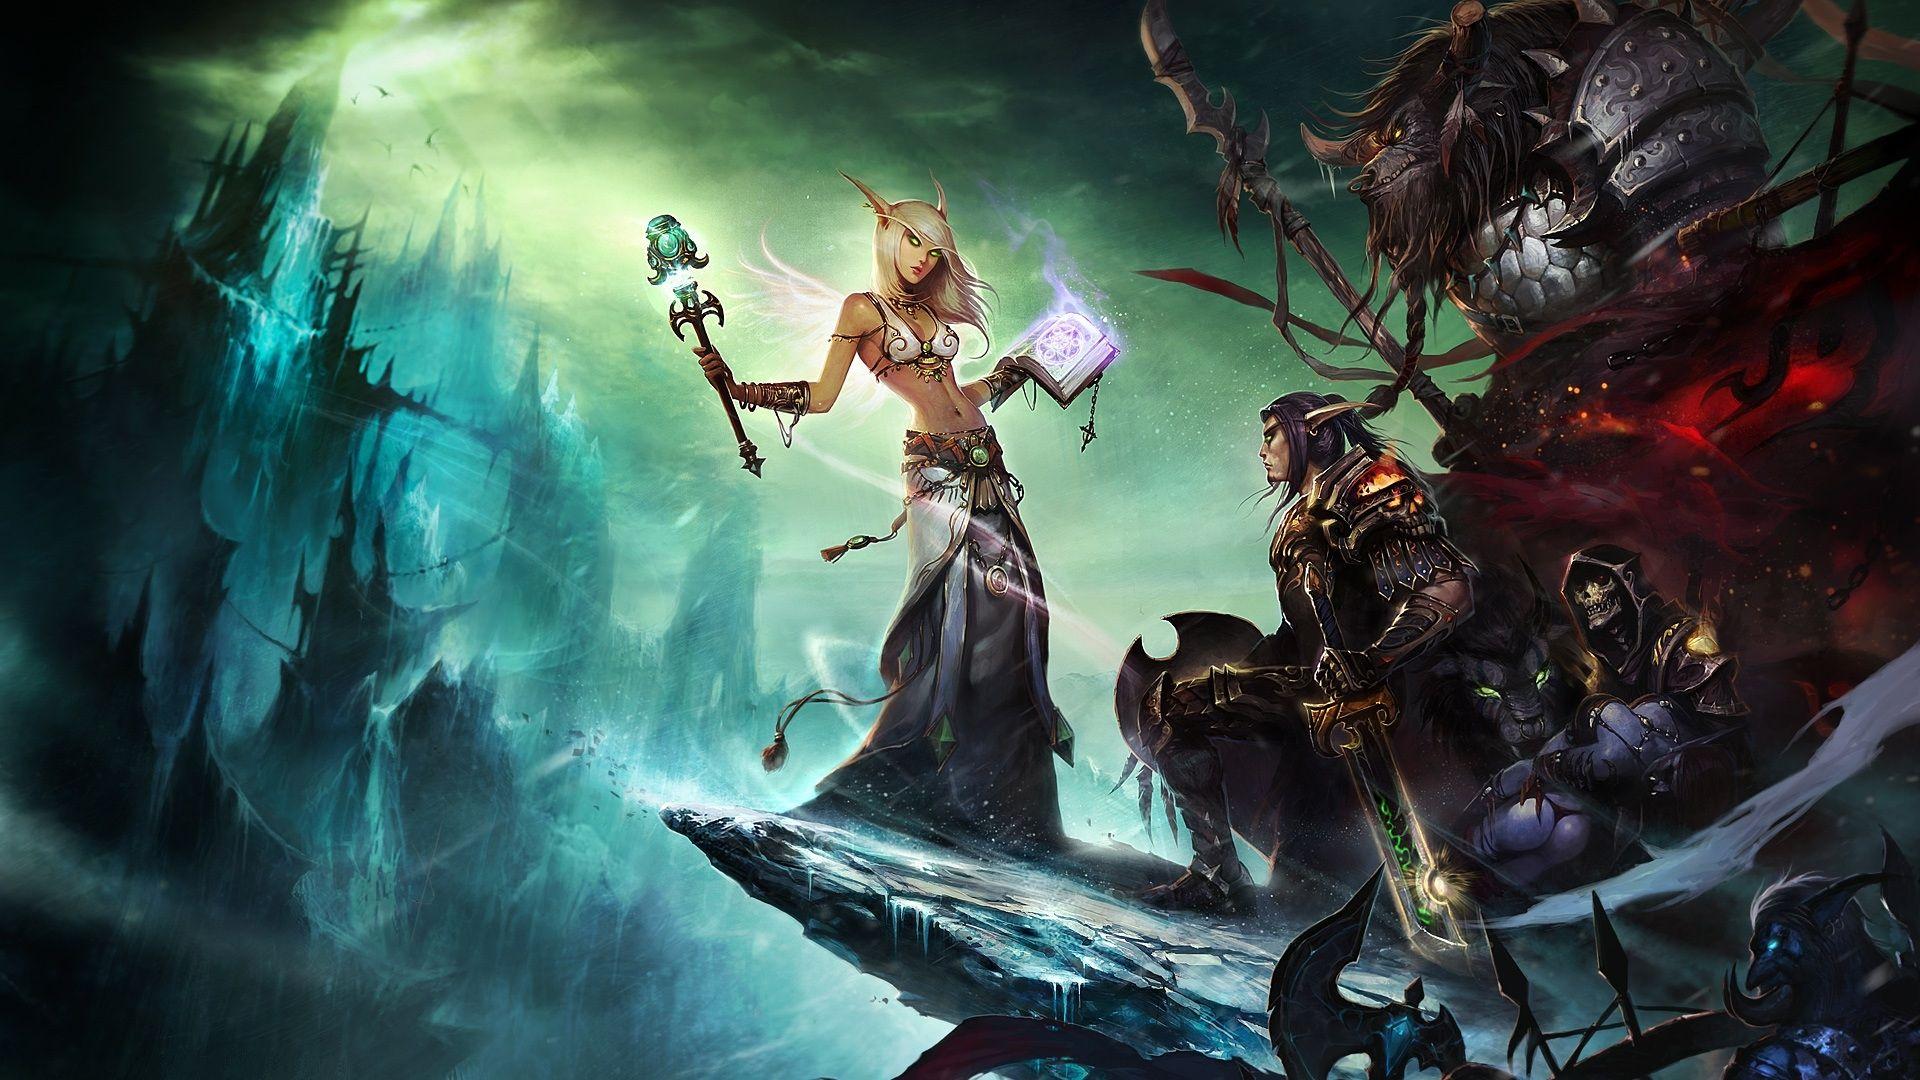 World Of Warcraft The Burning Crusade Hd Desktop Wallpaper